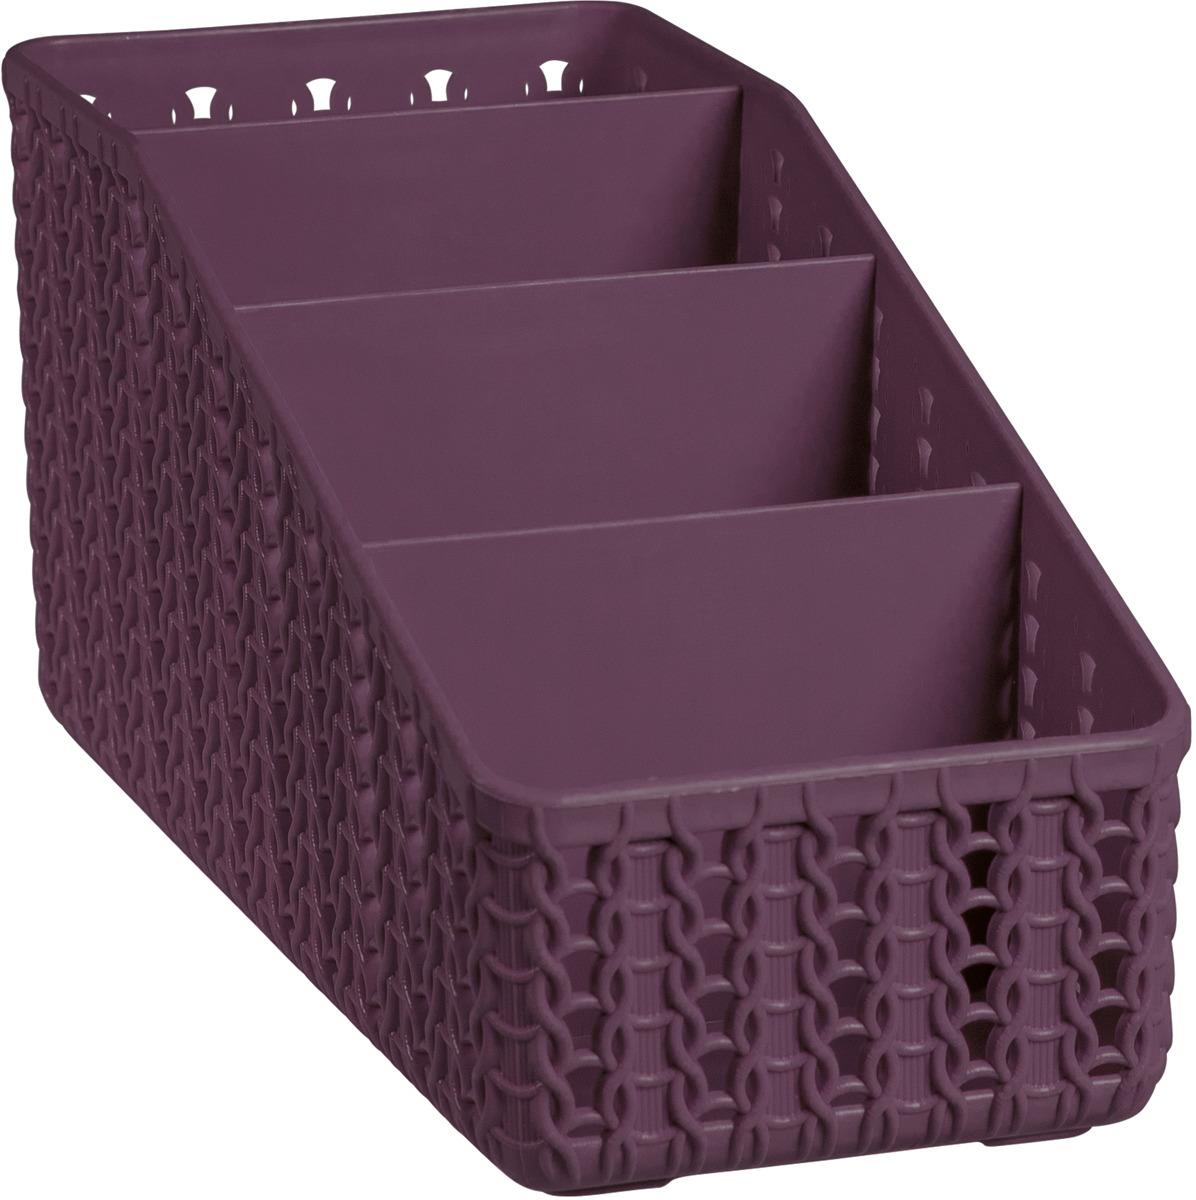 Органайзер Idea Вязание, 4 секции, М 2382, 20 х 9,5 х 10 см, пурпурный органайзер для специй idea цвет белый 6 х 16 х 16 см